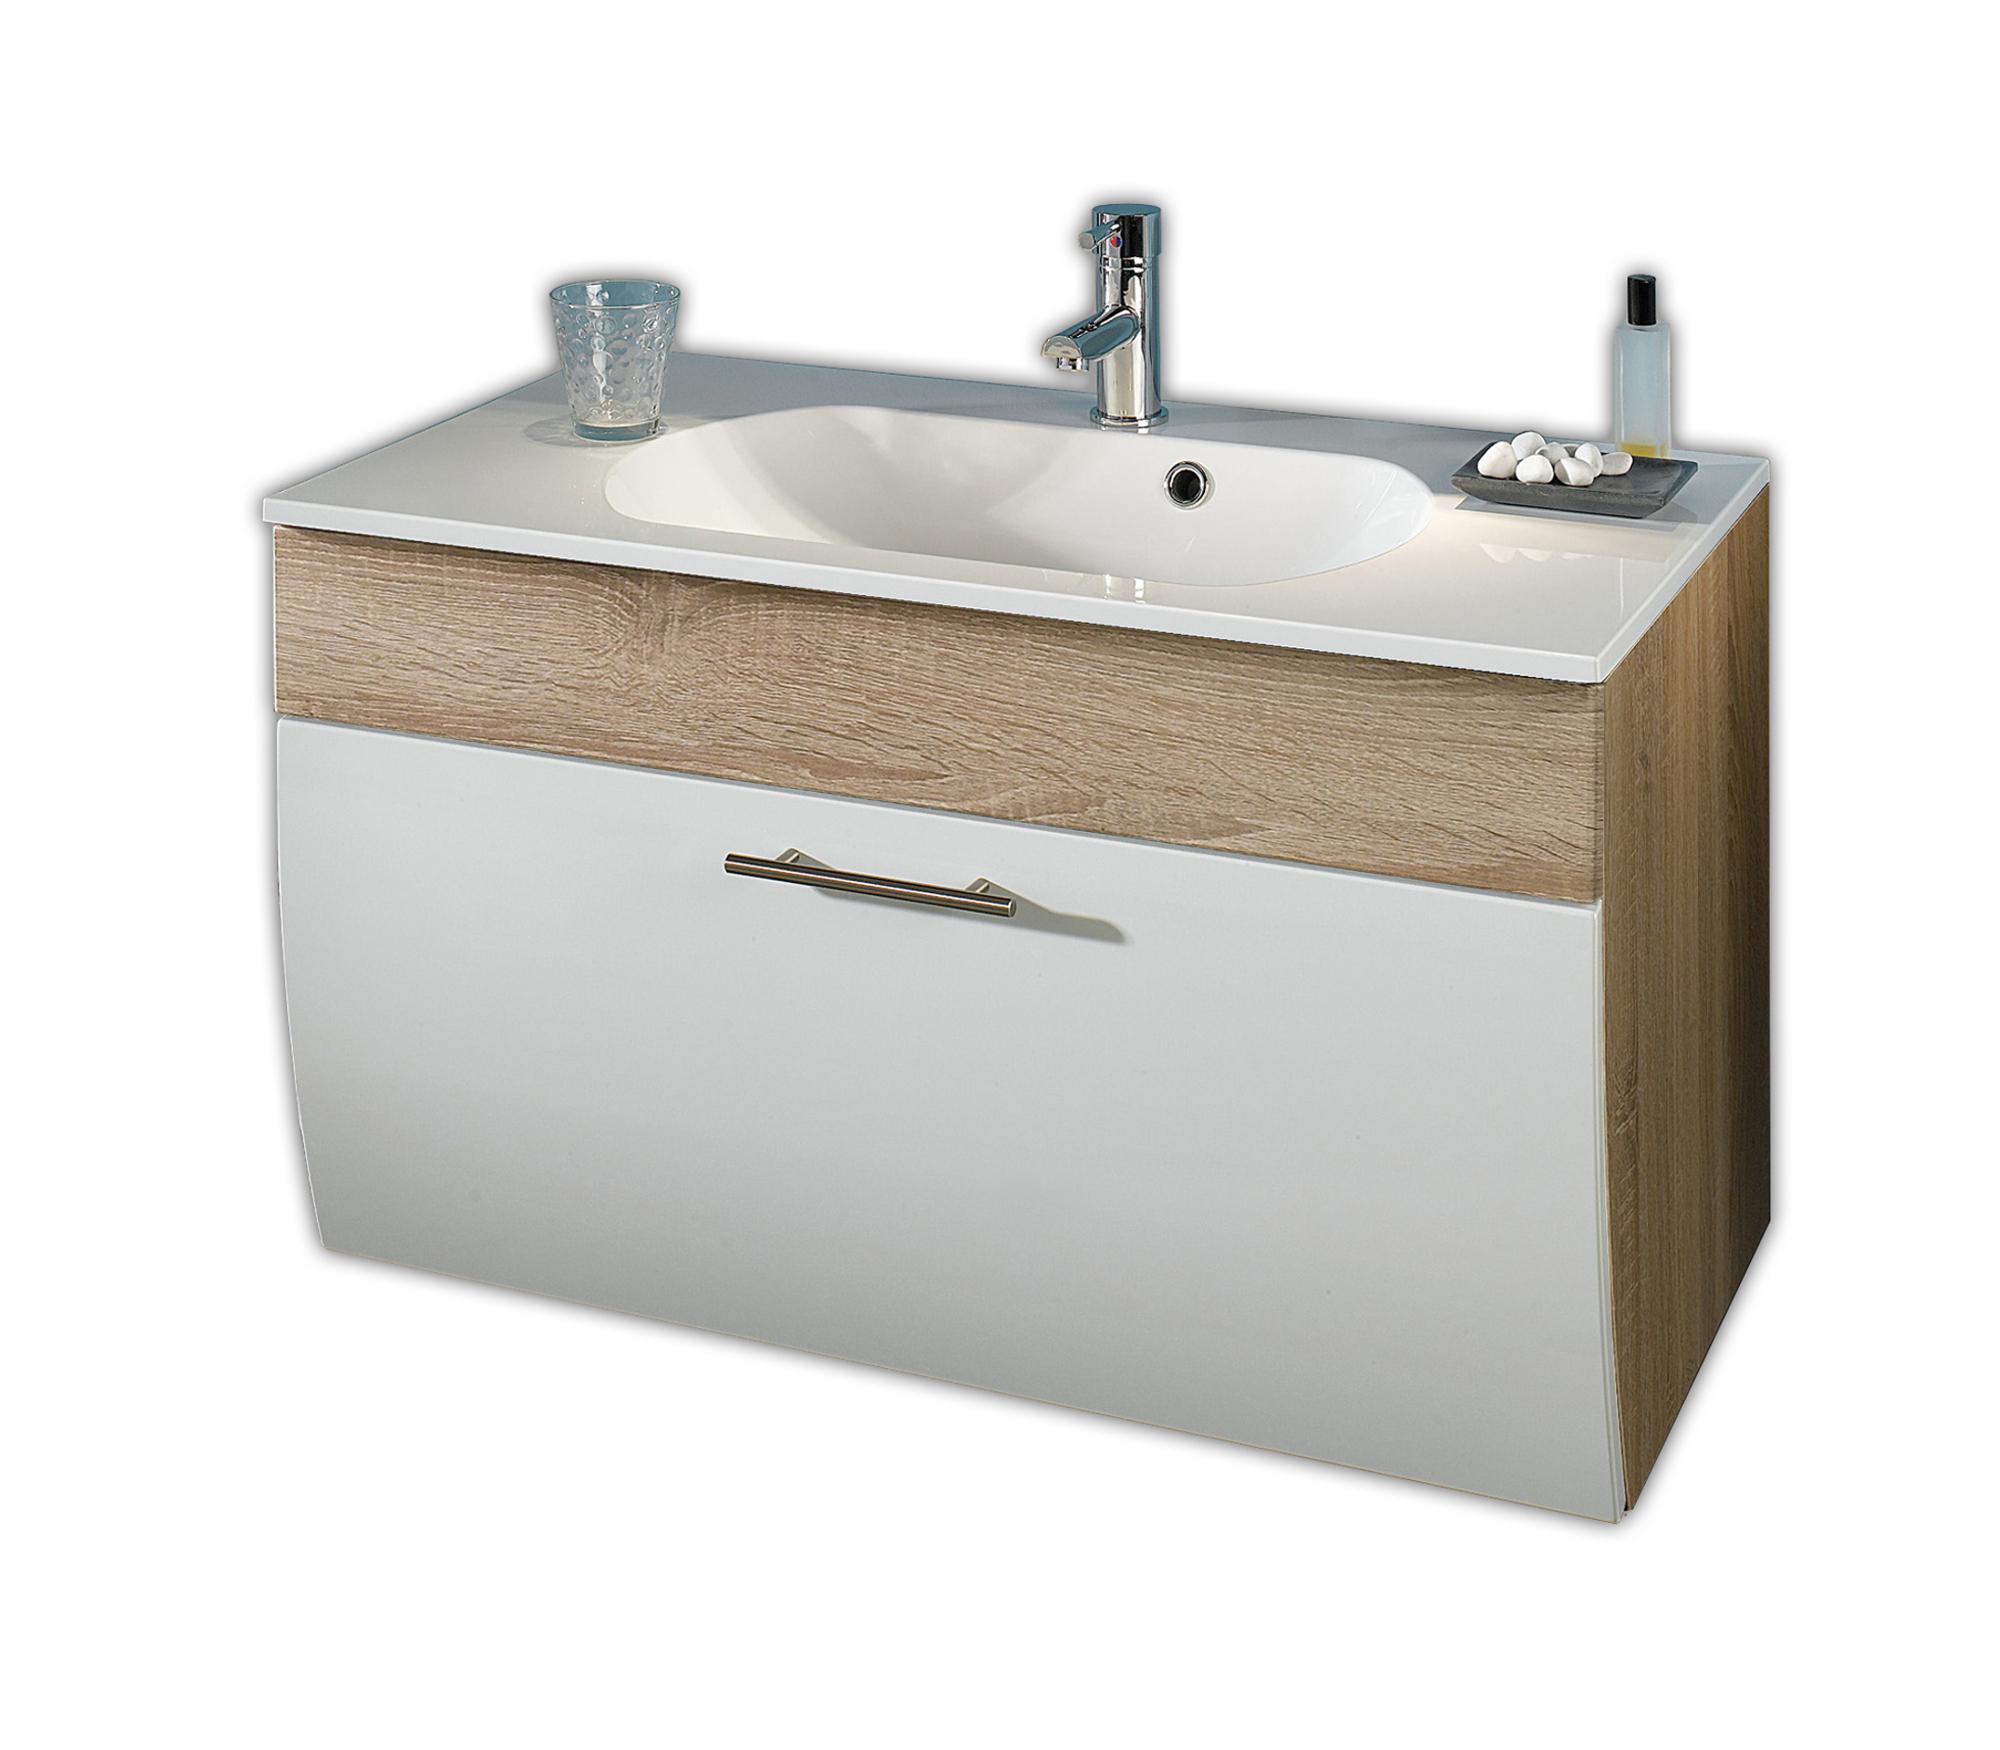 Details Zu Waschtischunterschrank 90 Cm Waschbecken Mit Unterschrank Hochglanz Weiß Eiche